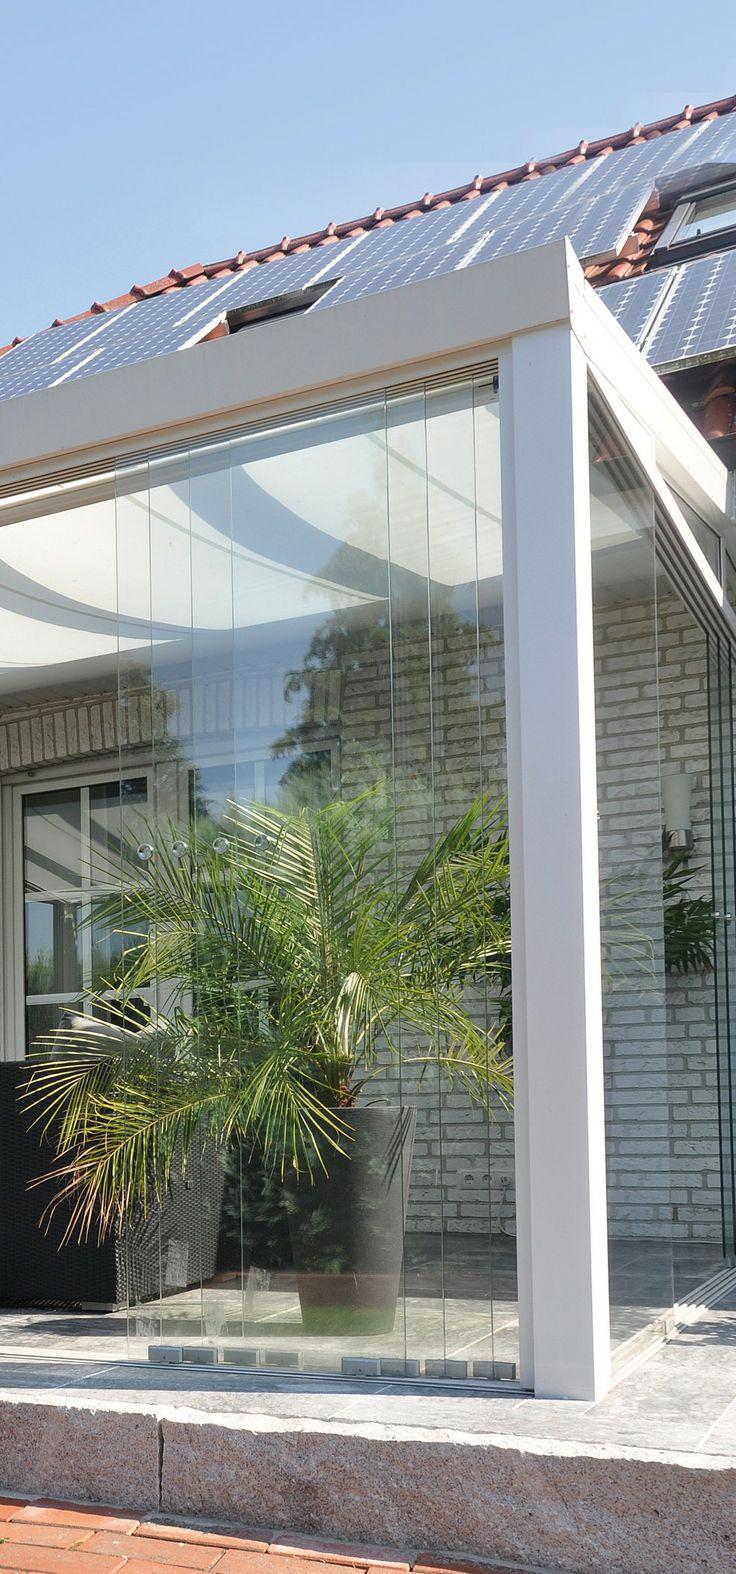 Dettaglio vetrate scorrevoli su veranda completa